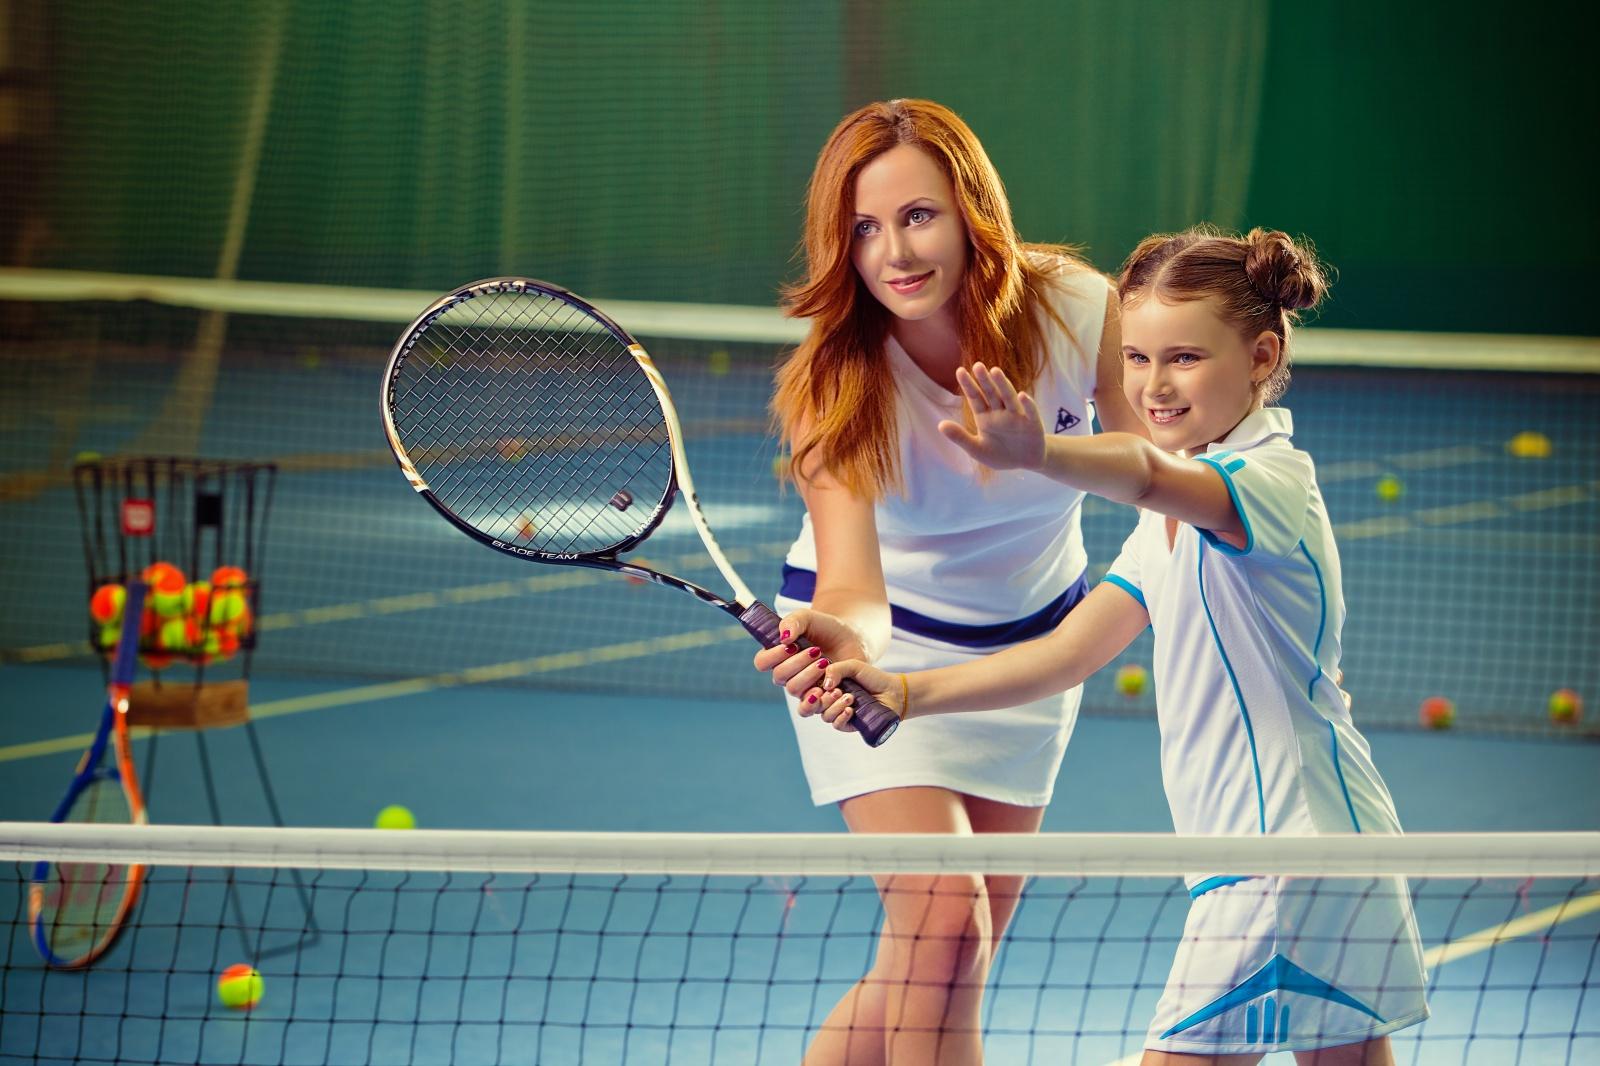 интерьера дома теннис обучение в америке взамной симпатии